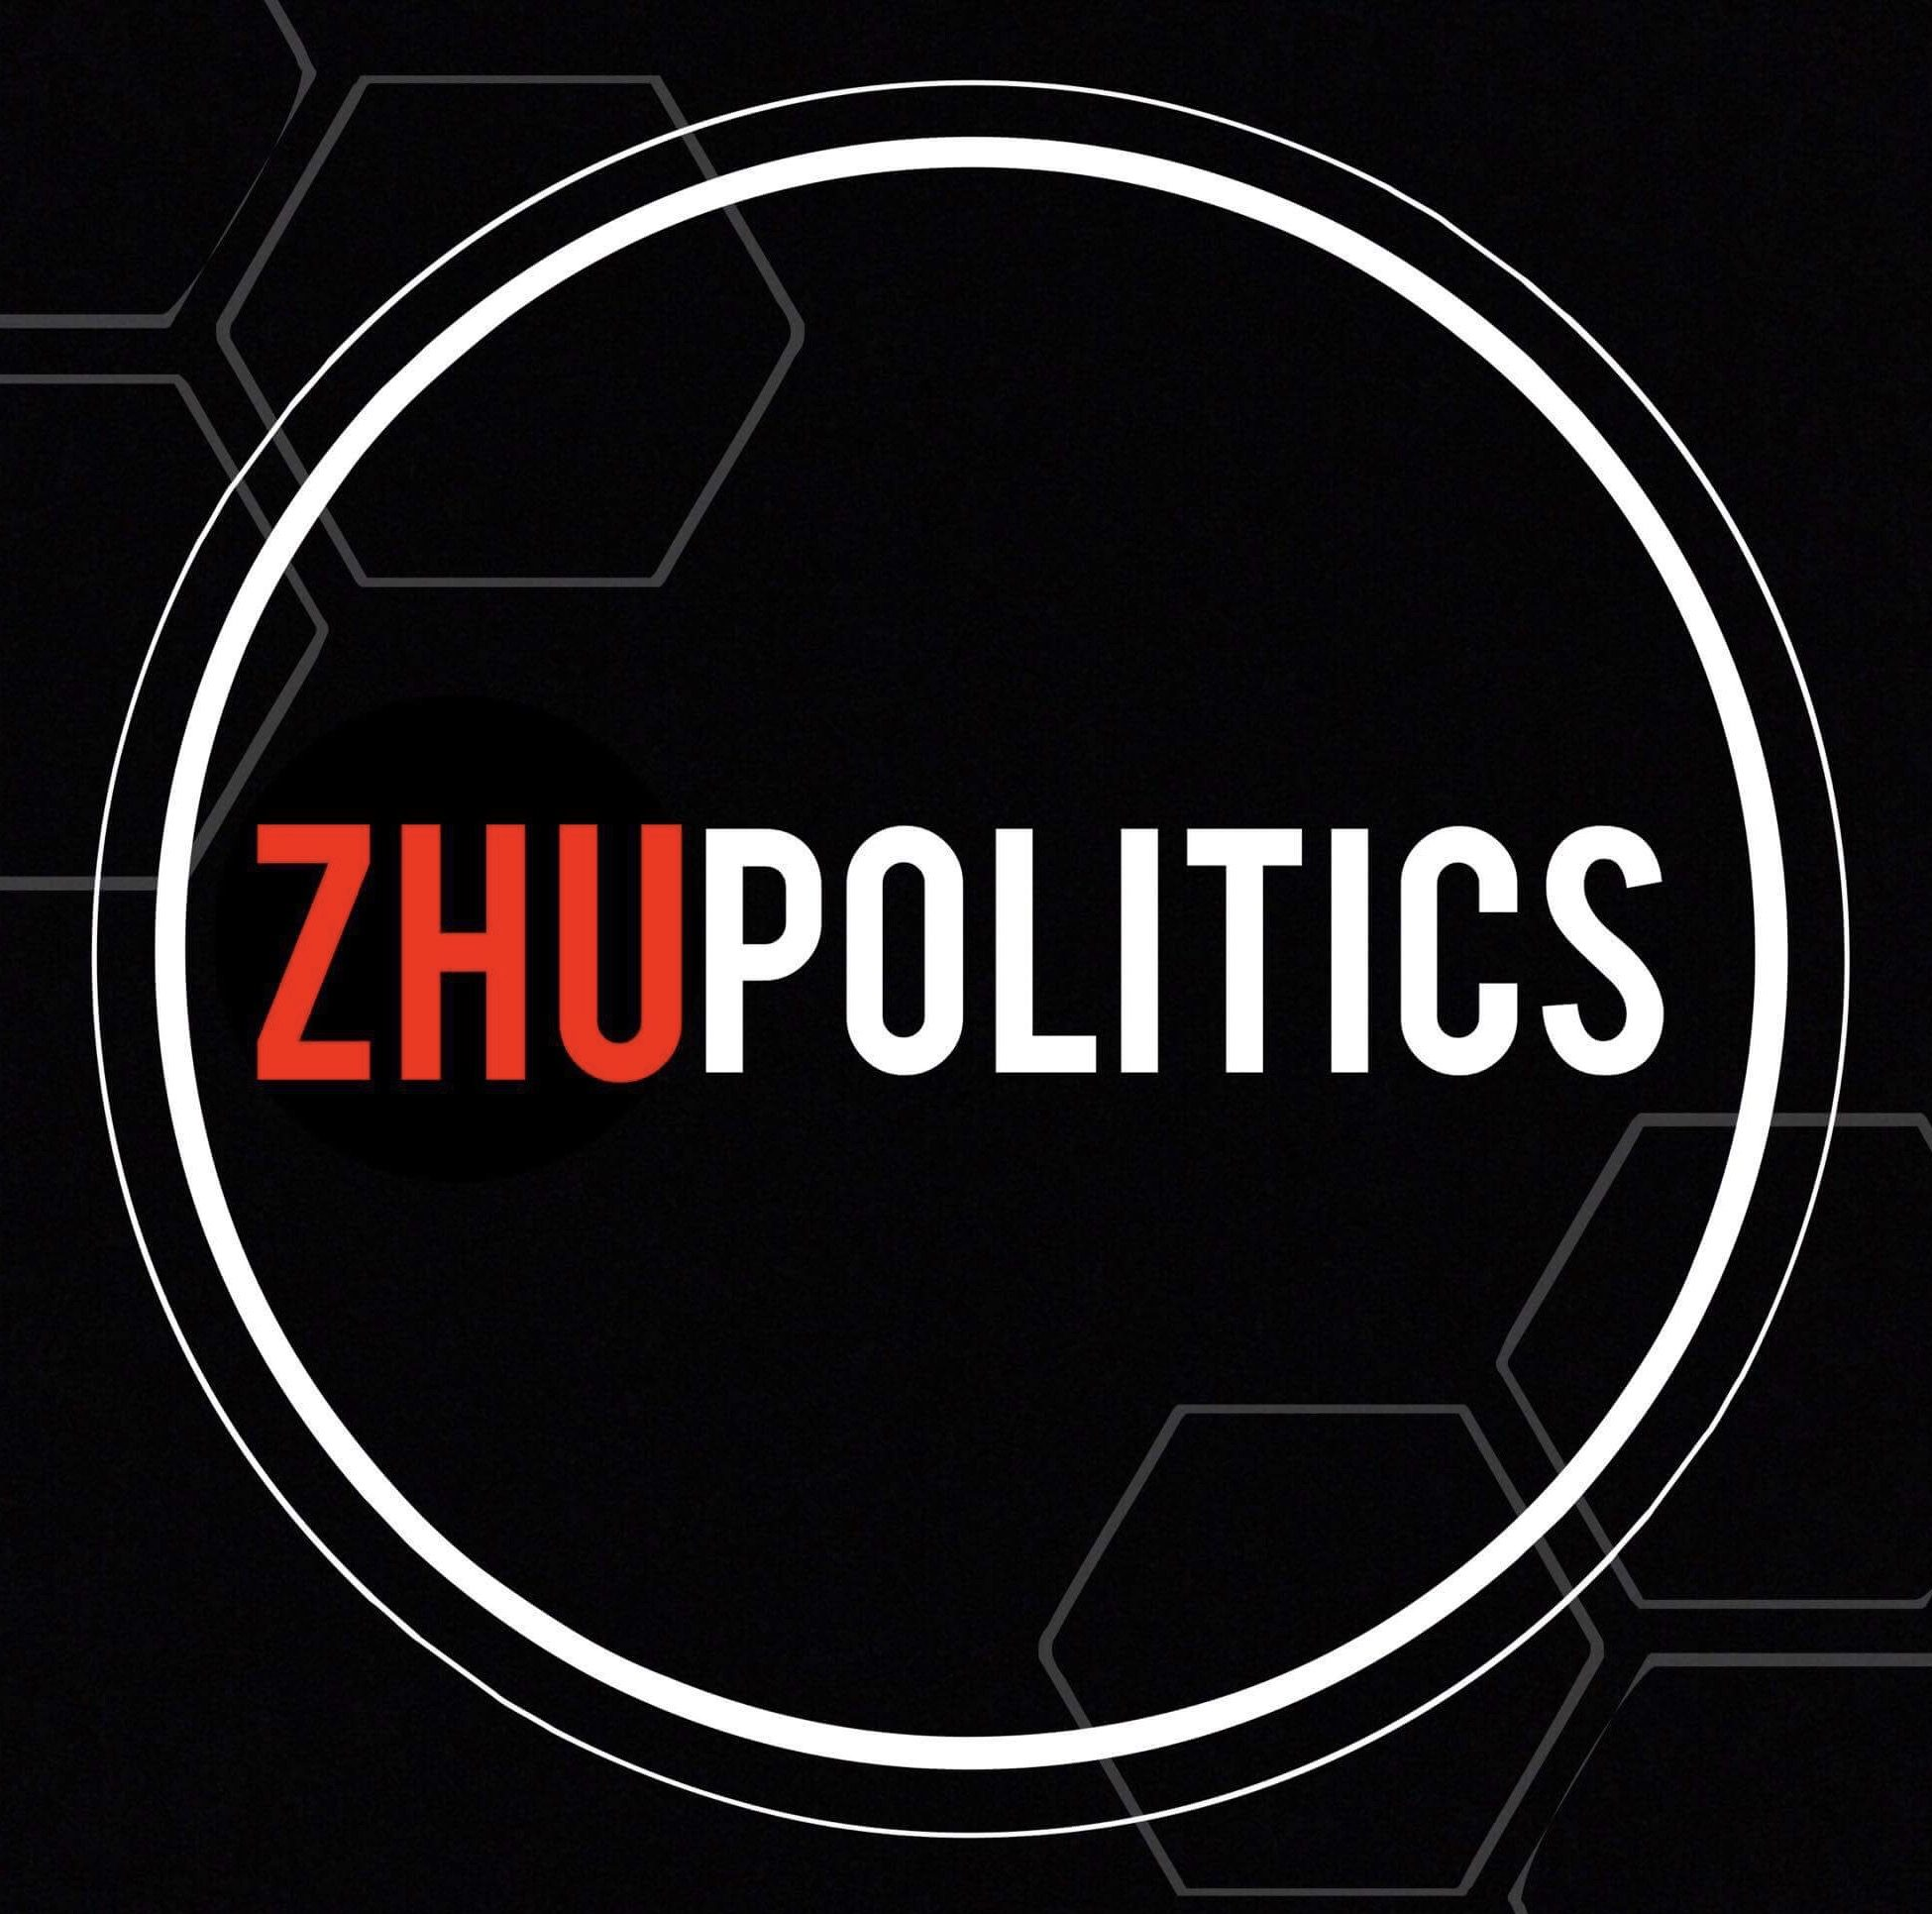 ZHUPOLITICS